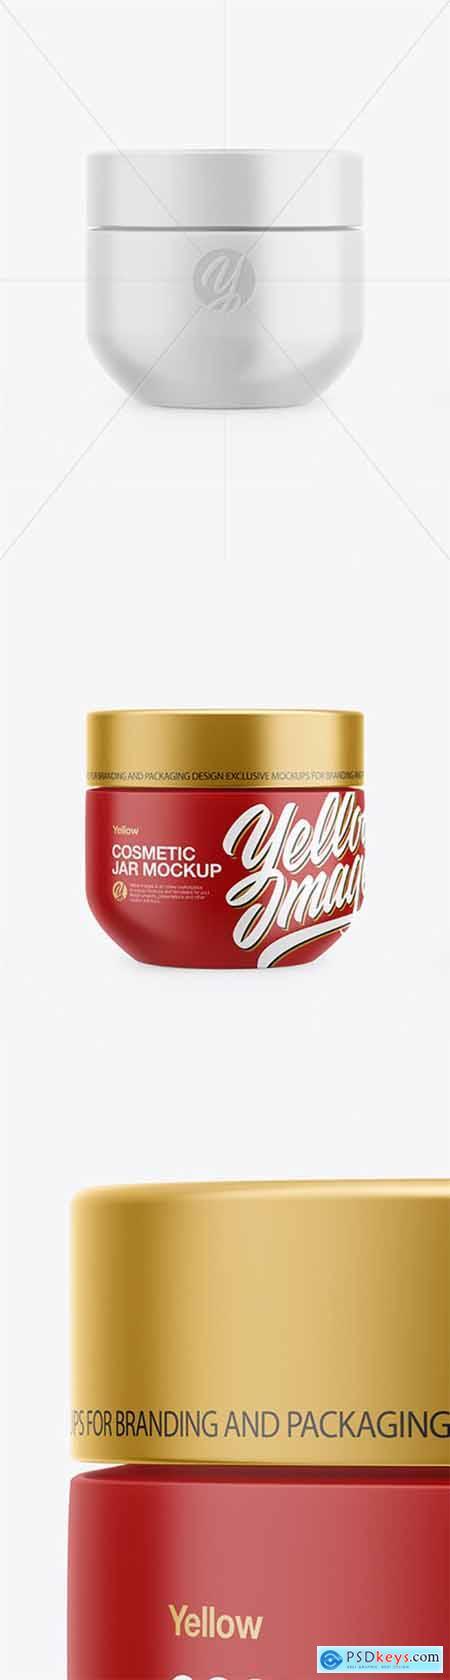 Matte Cosmetic Jar Mockup 51970